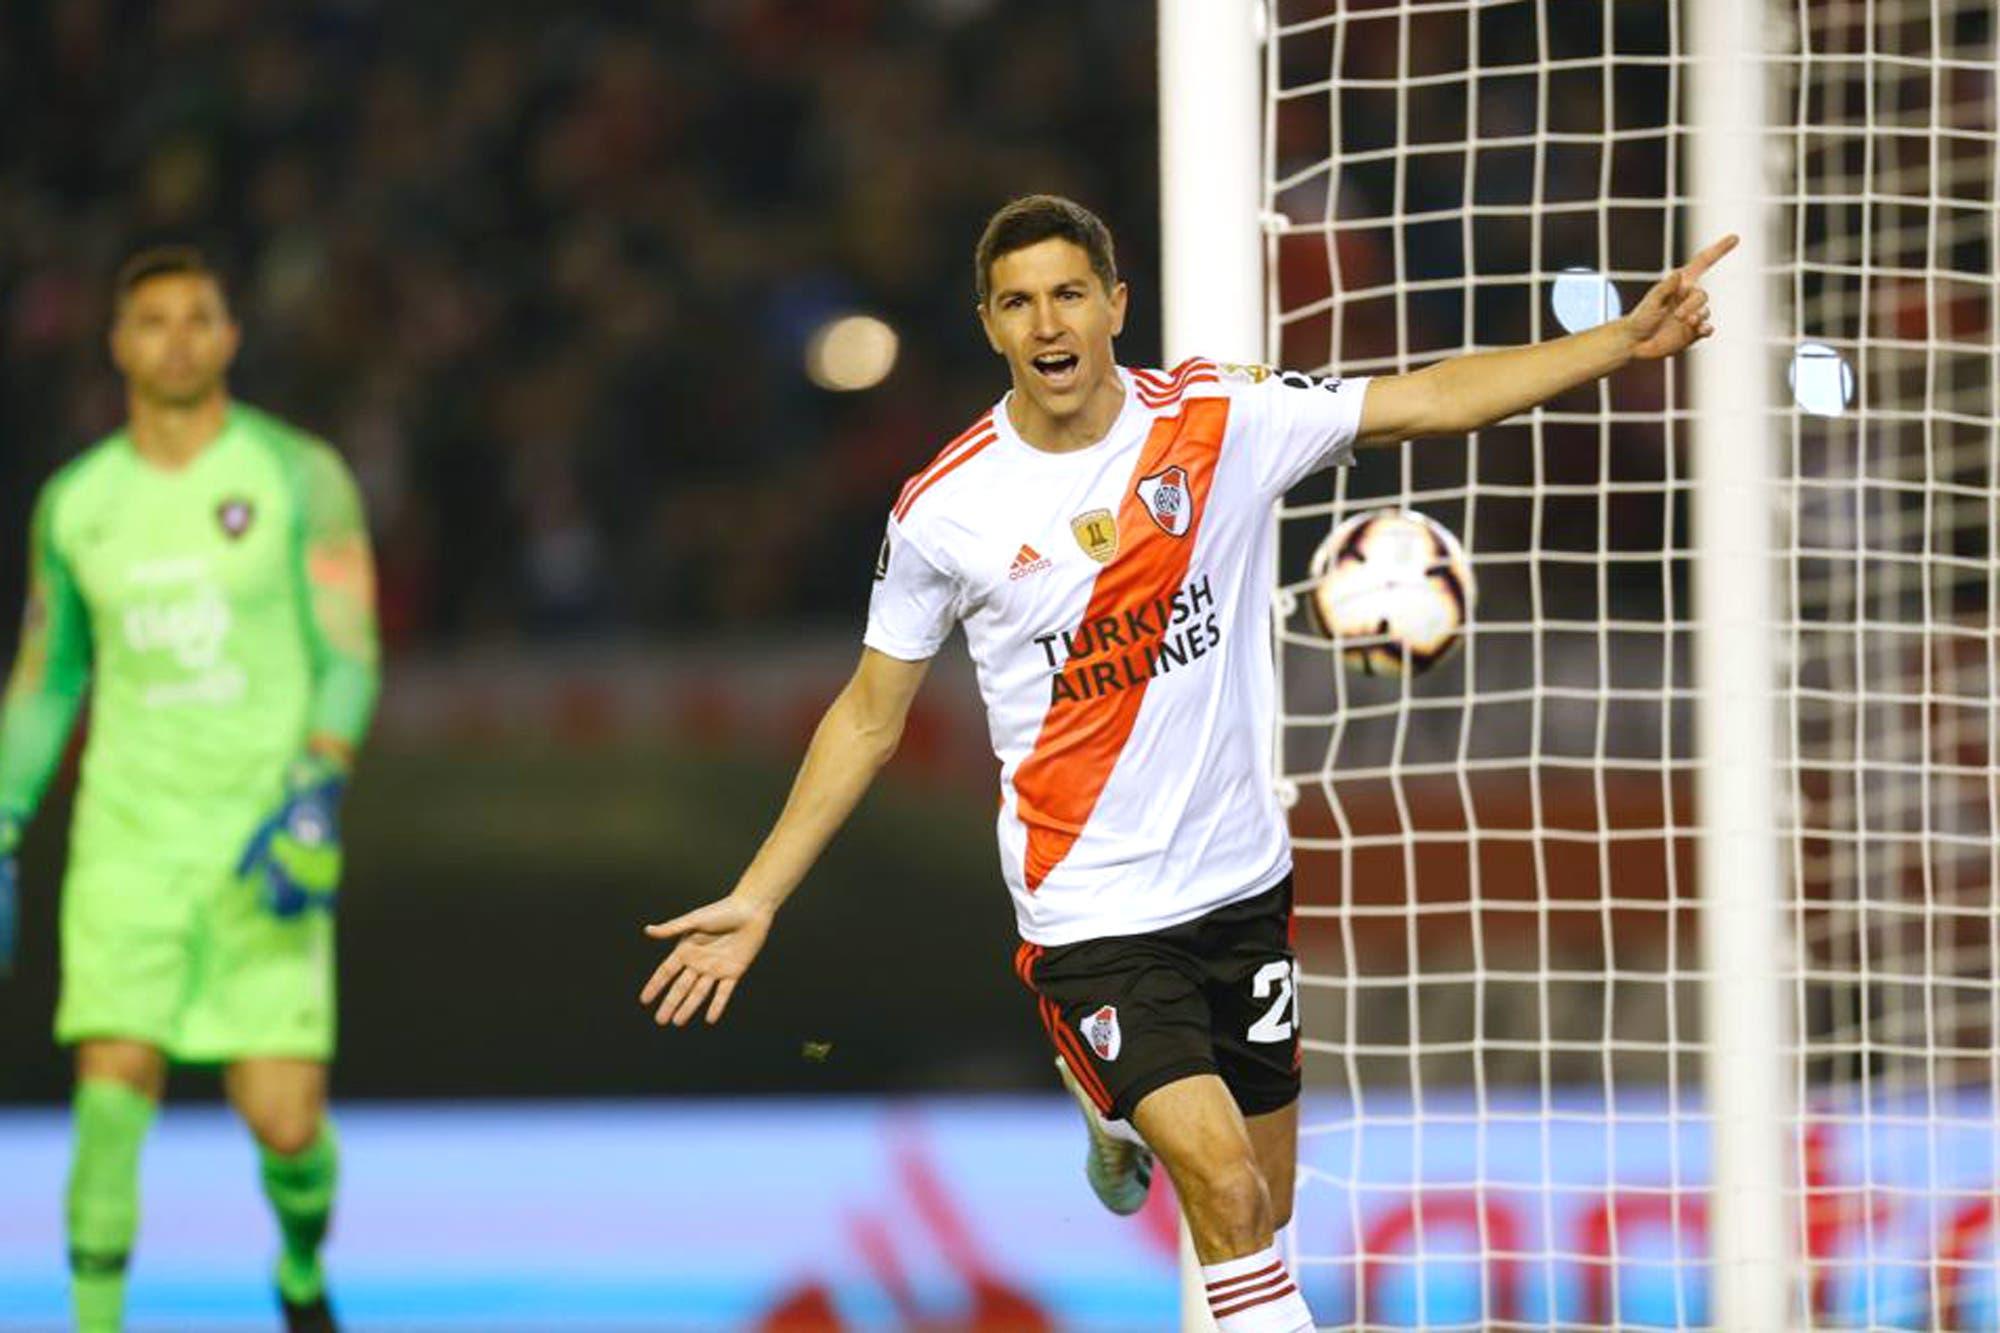 River-Cerro Porteño, por la Copa Libertadores: el equipo de Marcelo Gallardo gana con un polémico penal